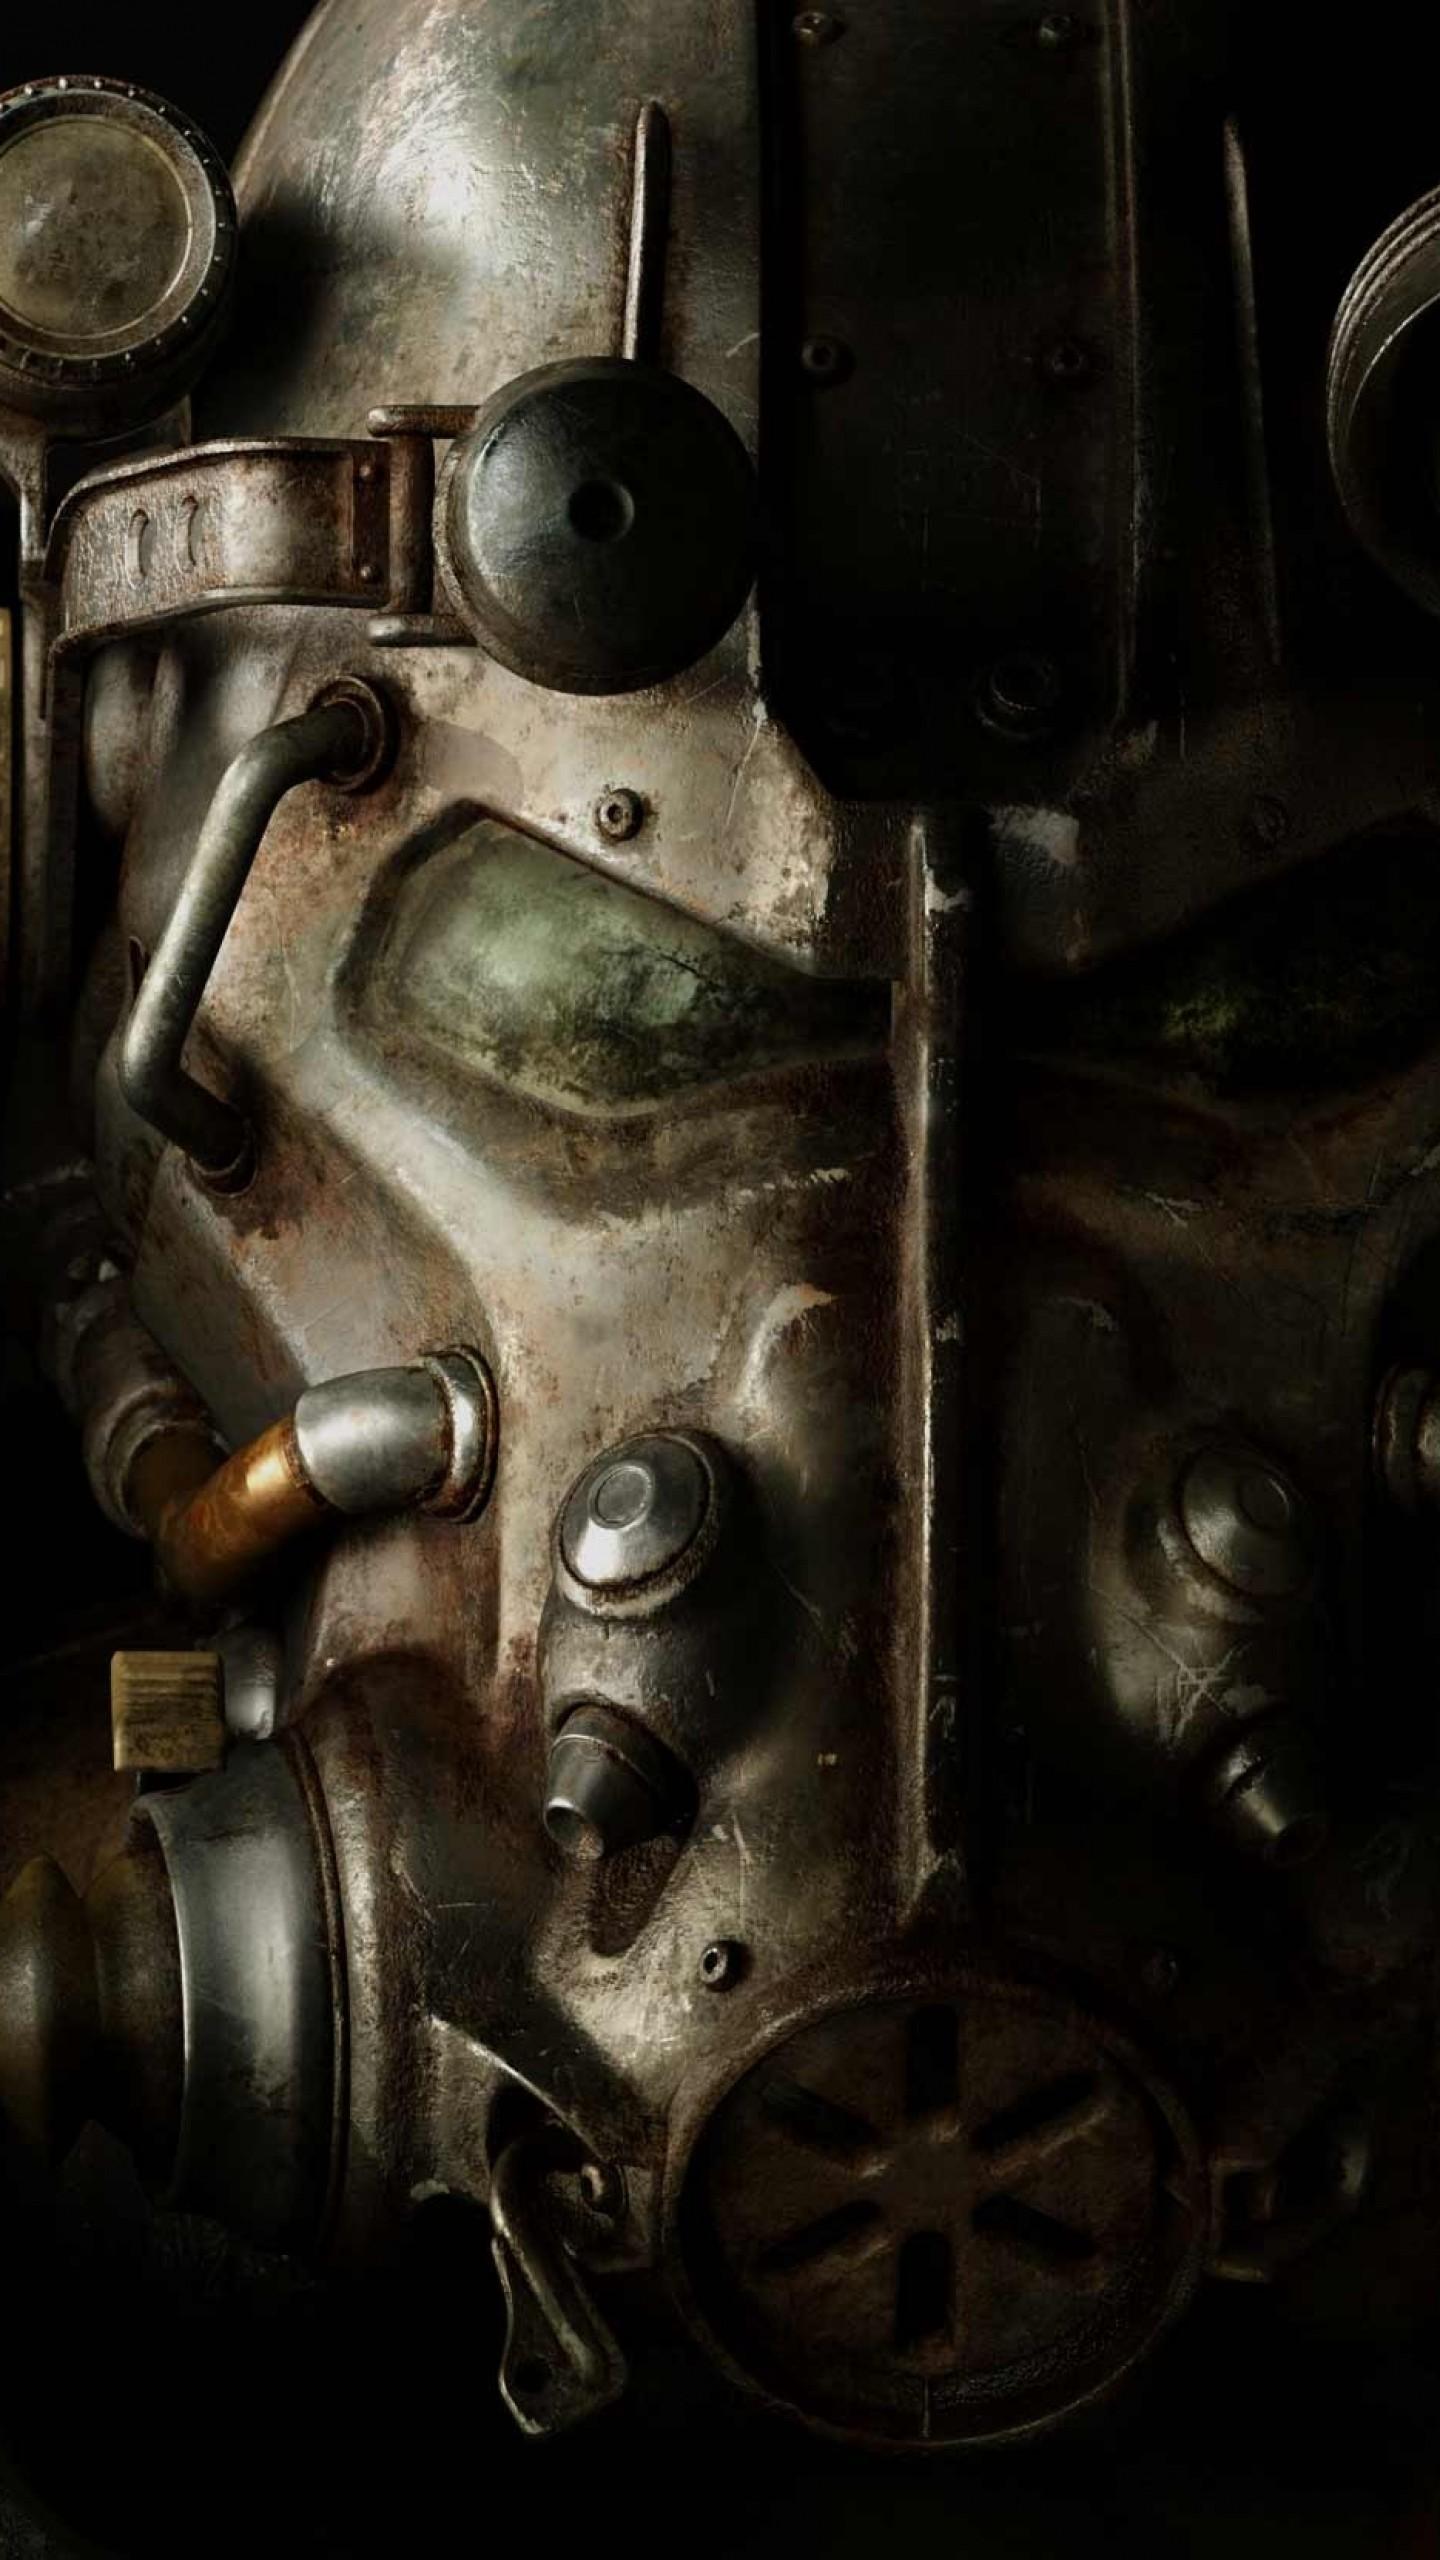 78 Fallout 4 Wallpaper 2560 1440